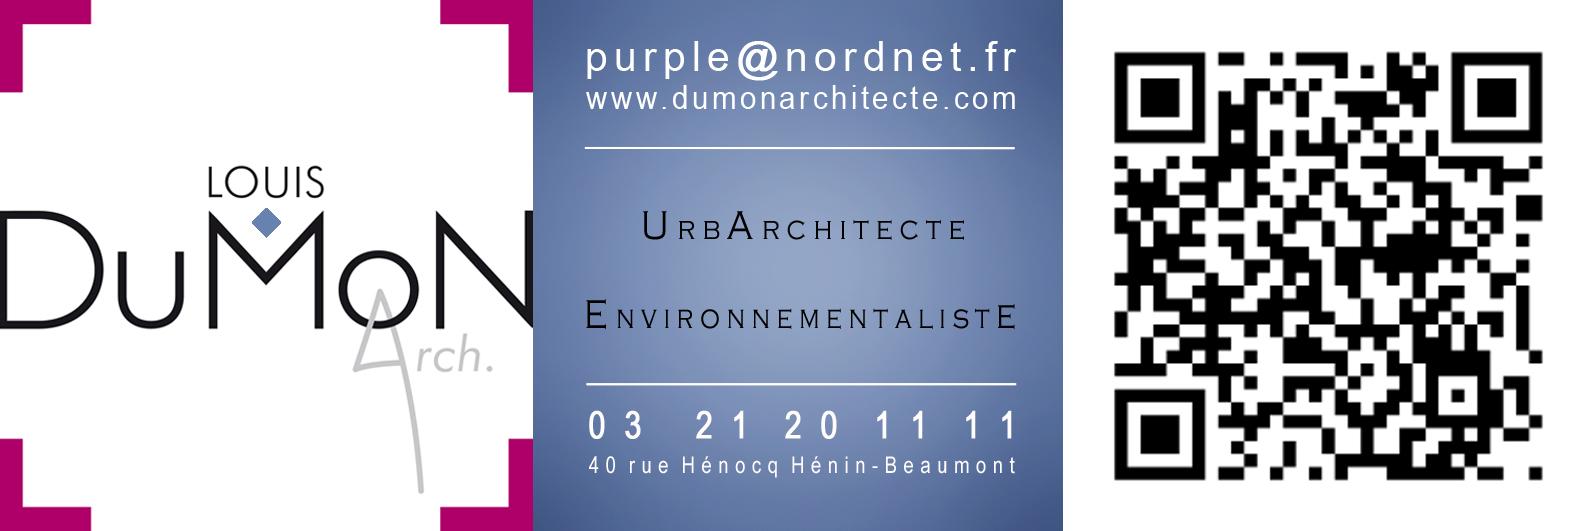 LOUIS MARIE DUMON ARCHITECTE URBANISTE